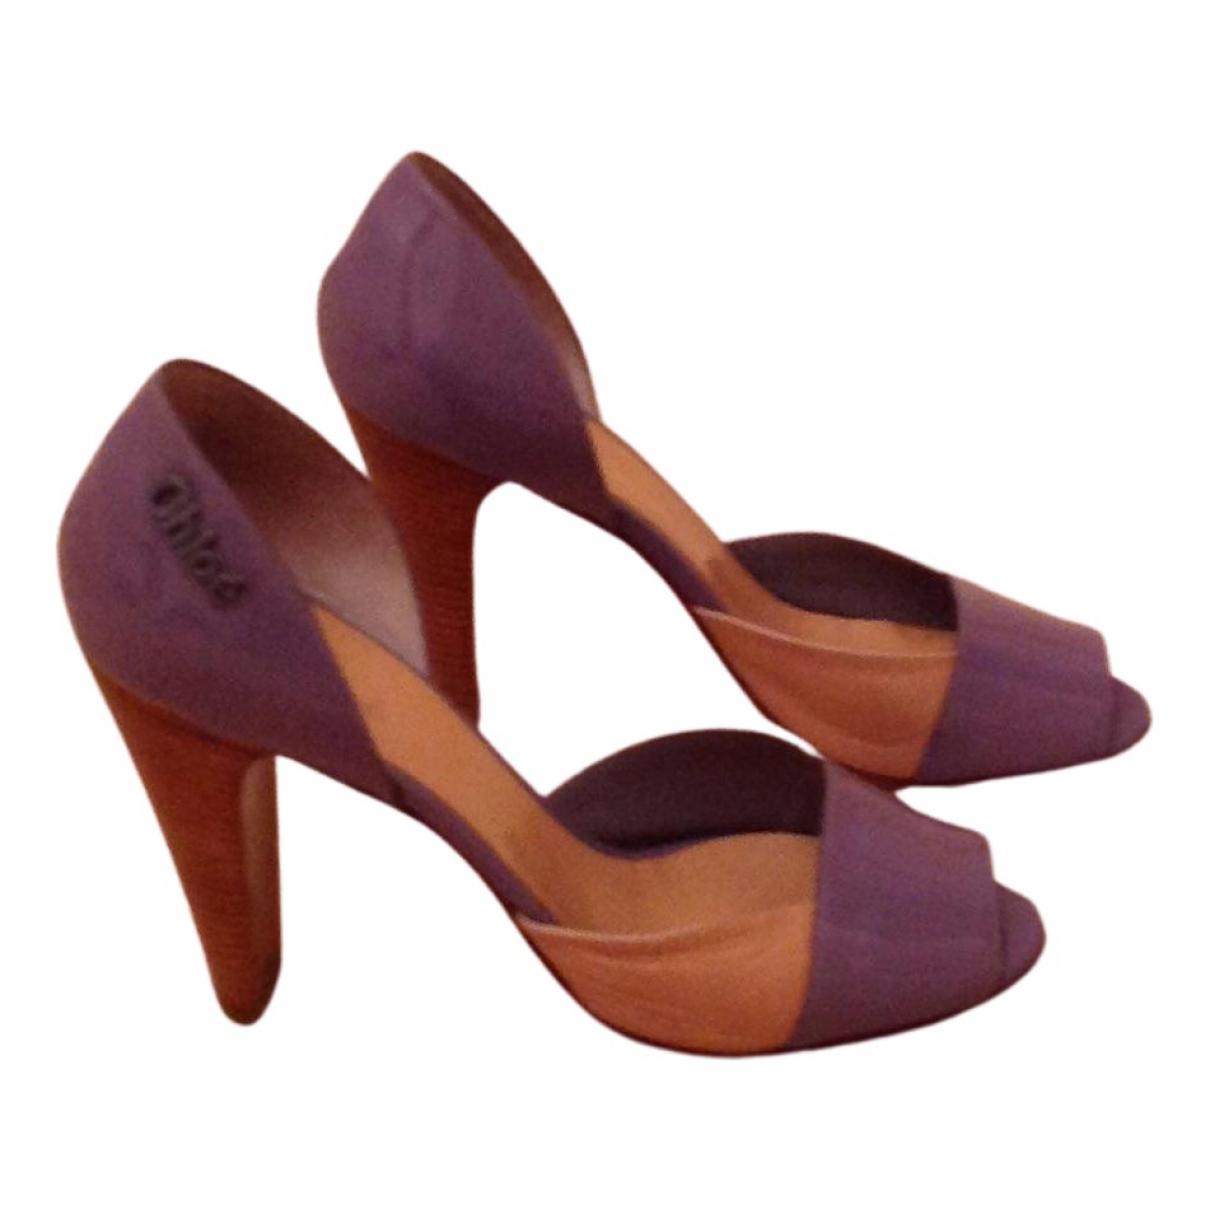 Chloe - Escarpins   pour femme en cuir verni - violet